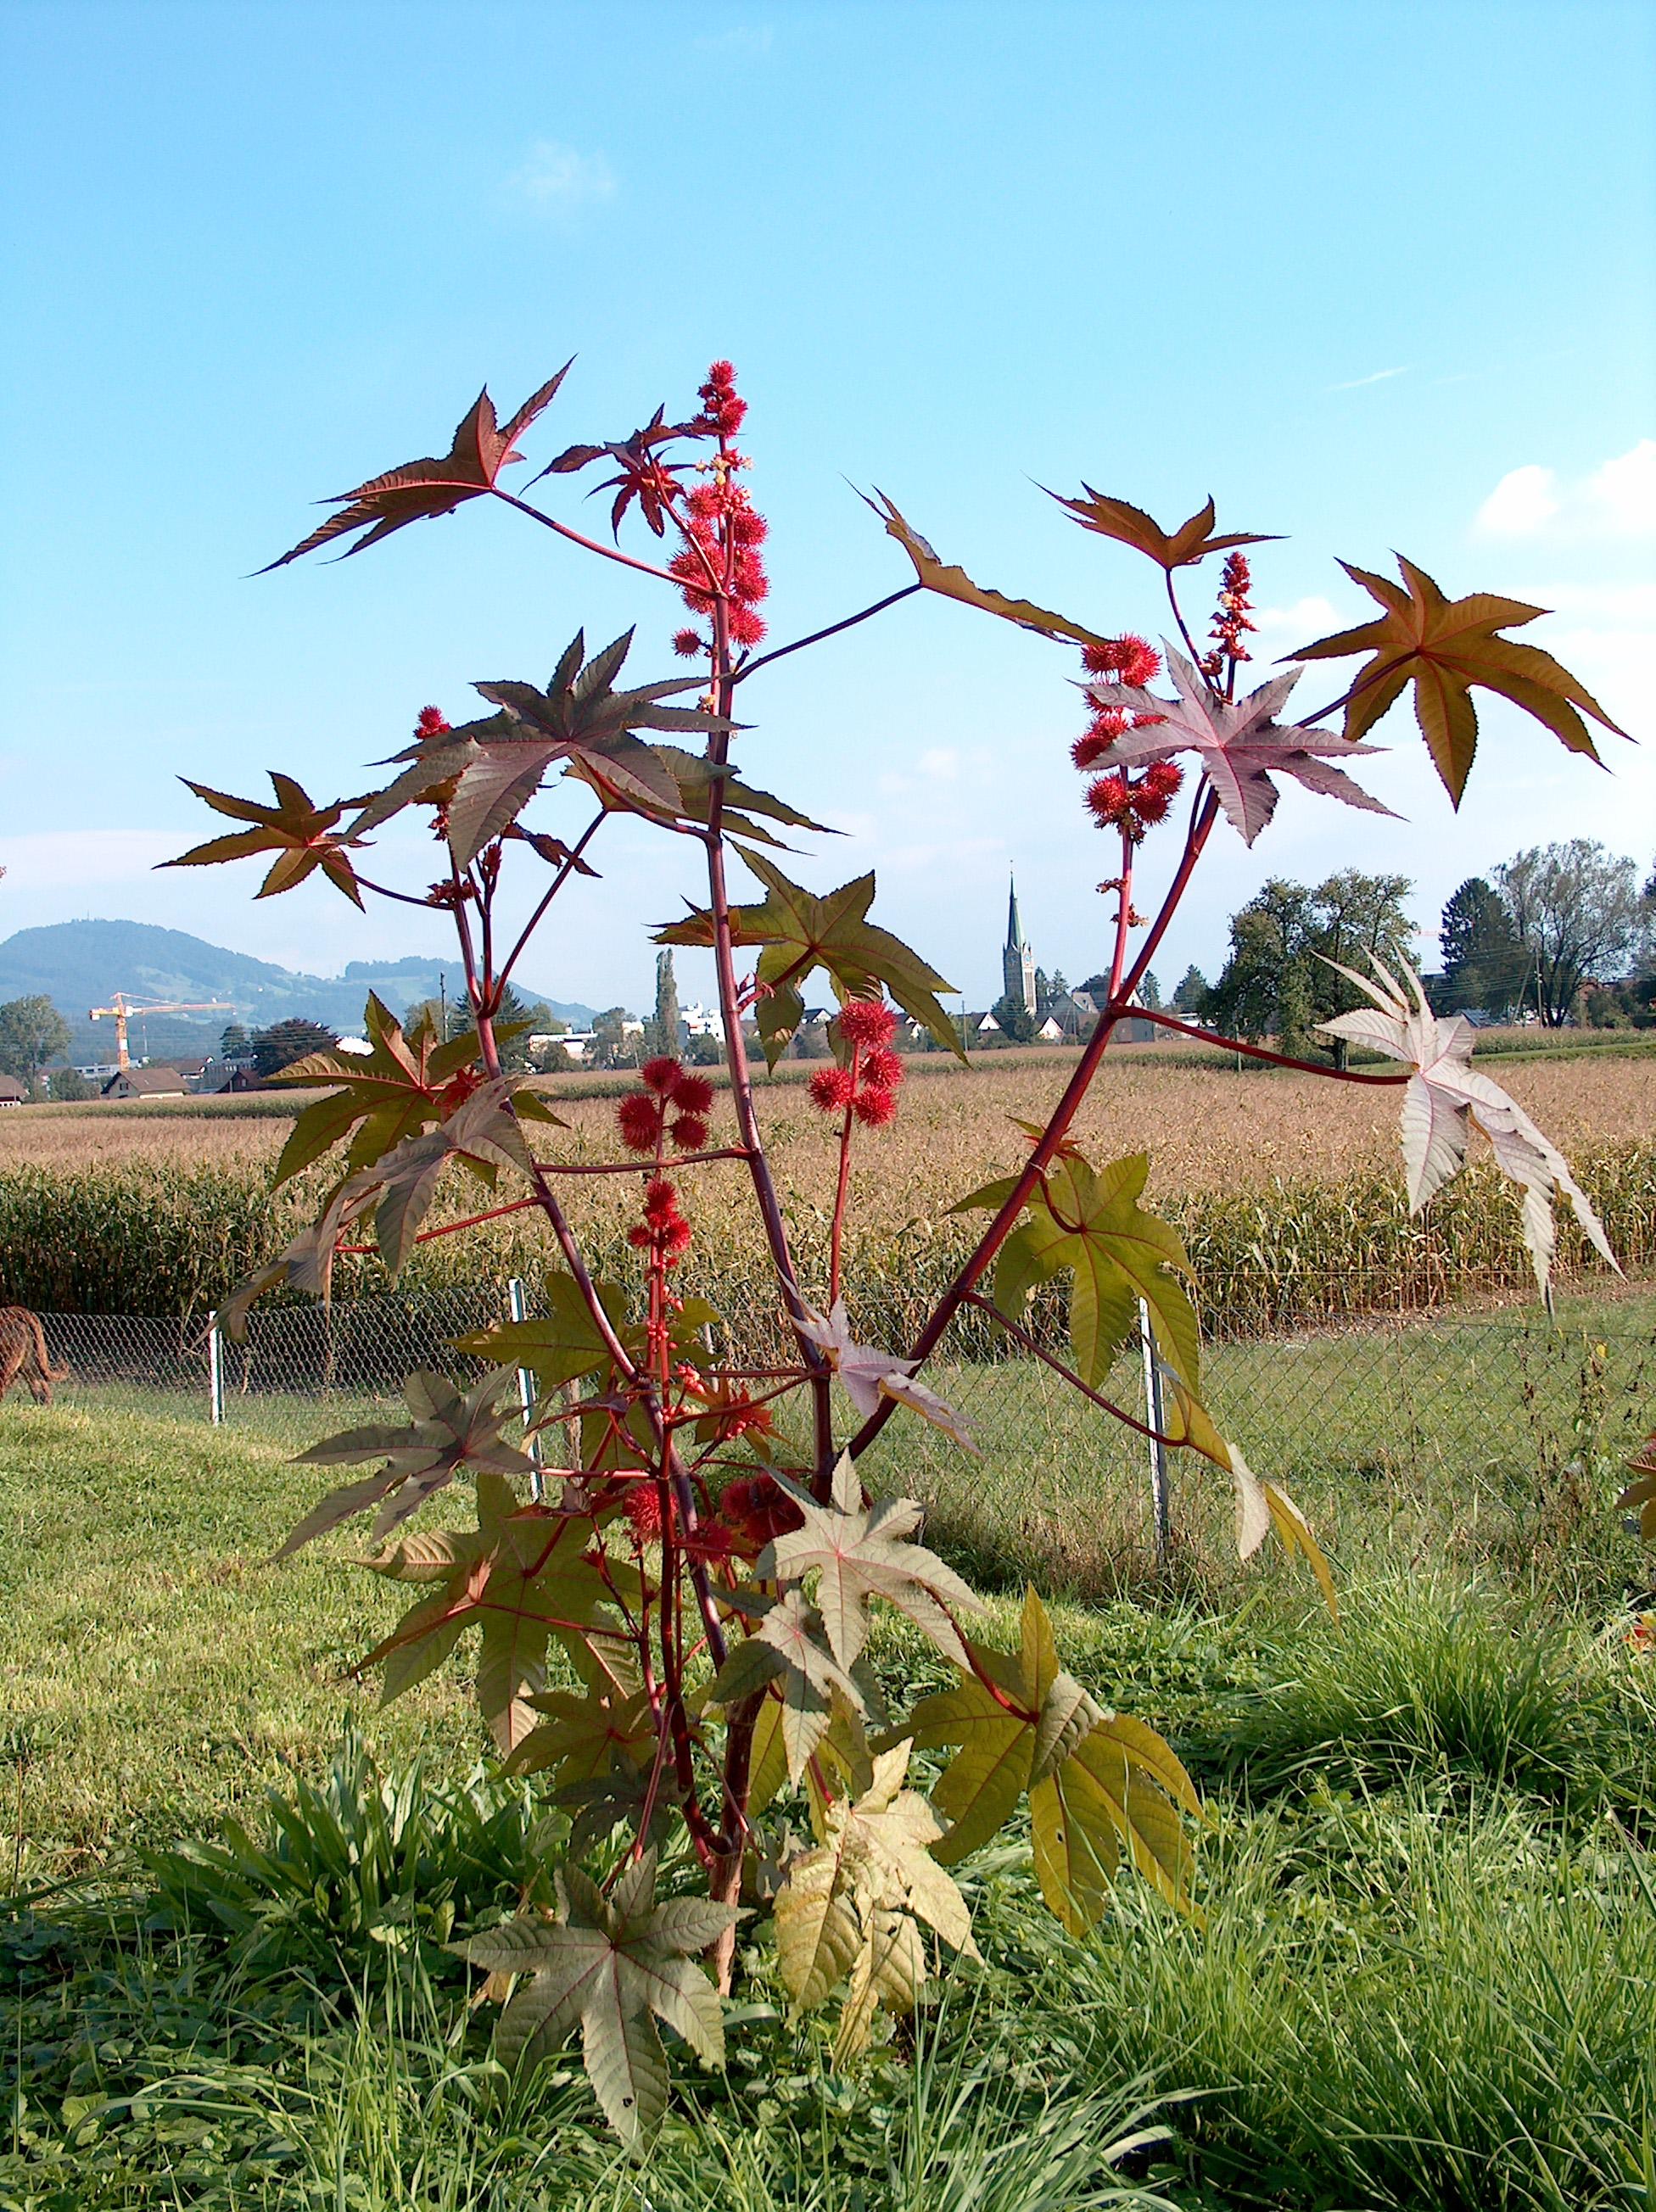 Ricinus communis planta de la que se extrae el aceite de ricino o castor oil